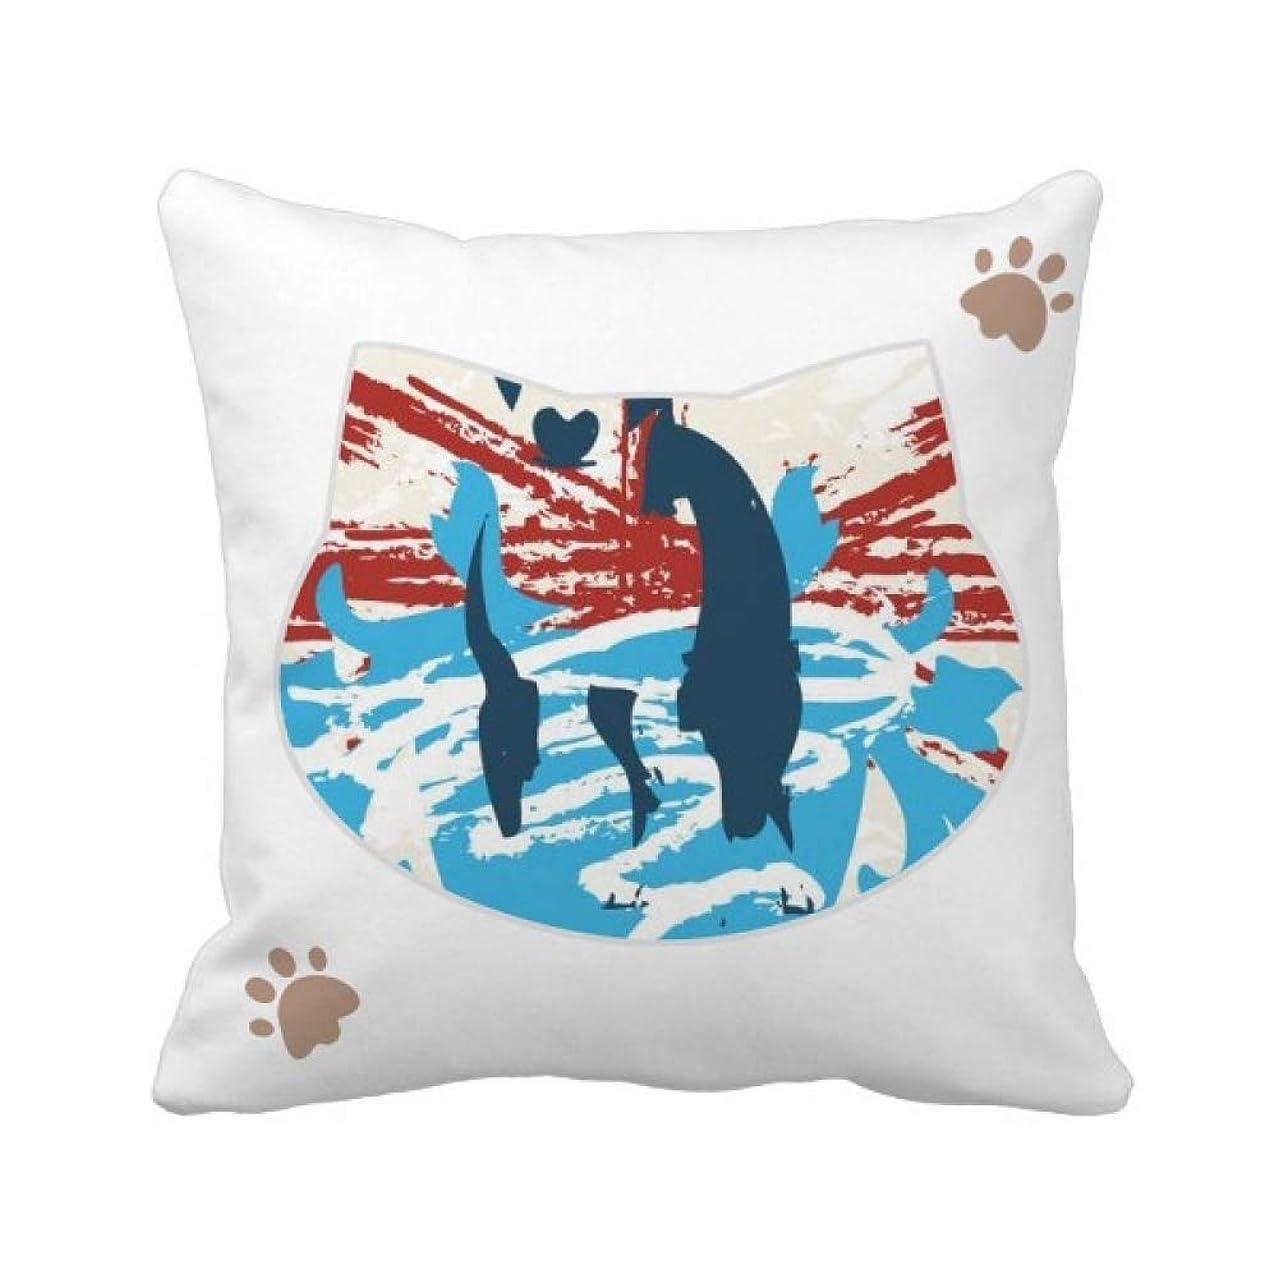 子豚作物トイレ落書き通りレッドブルーアートイラストパターン 枕カバーを放り投げる猫広場 50cm x 50cm